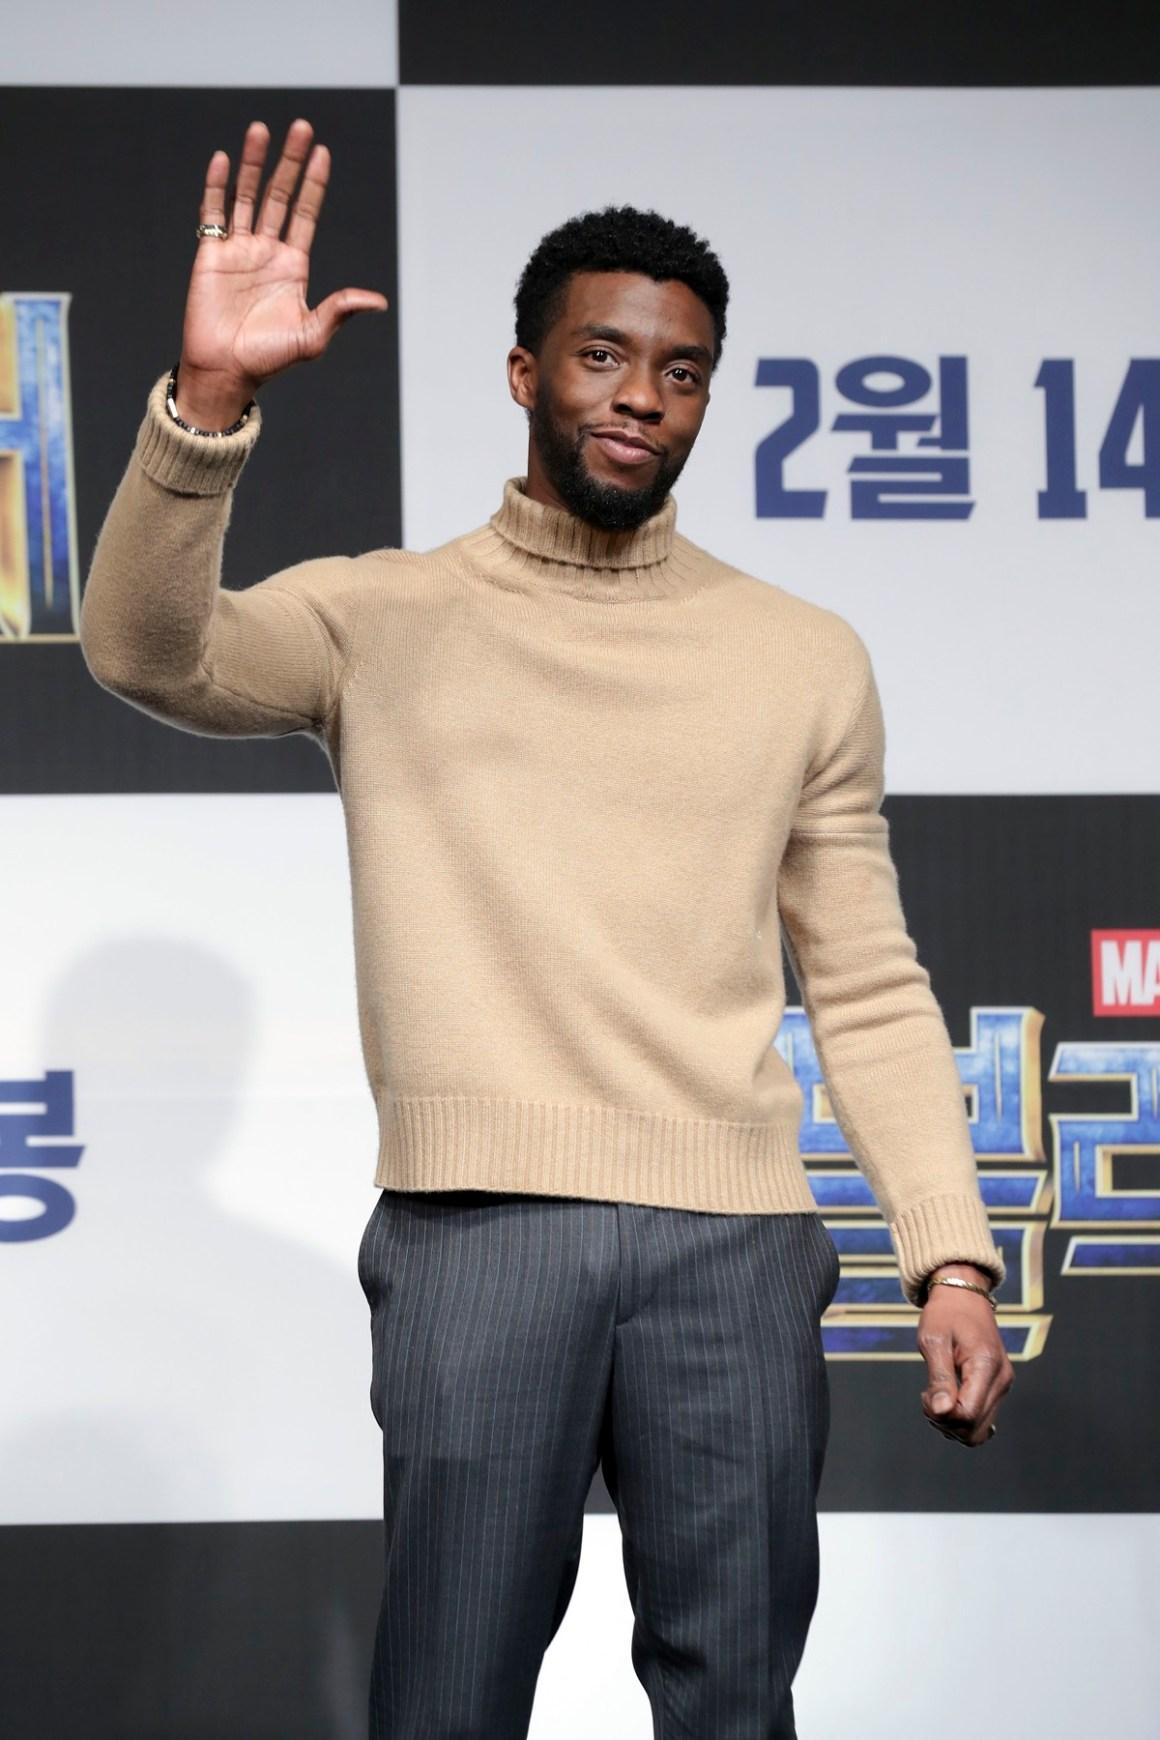 Chadwick Boseman 'Black Panther' Seoul Premiere - Press Conference